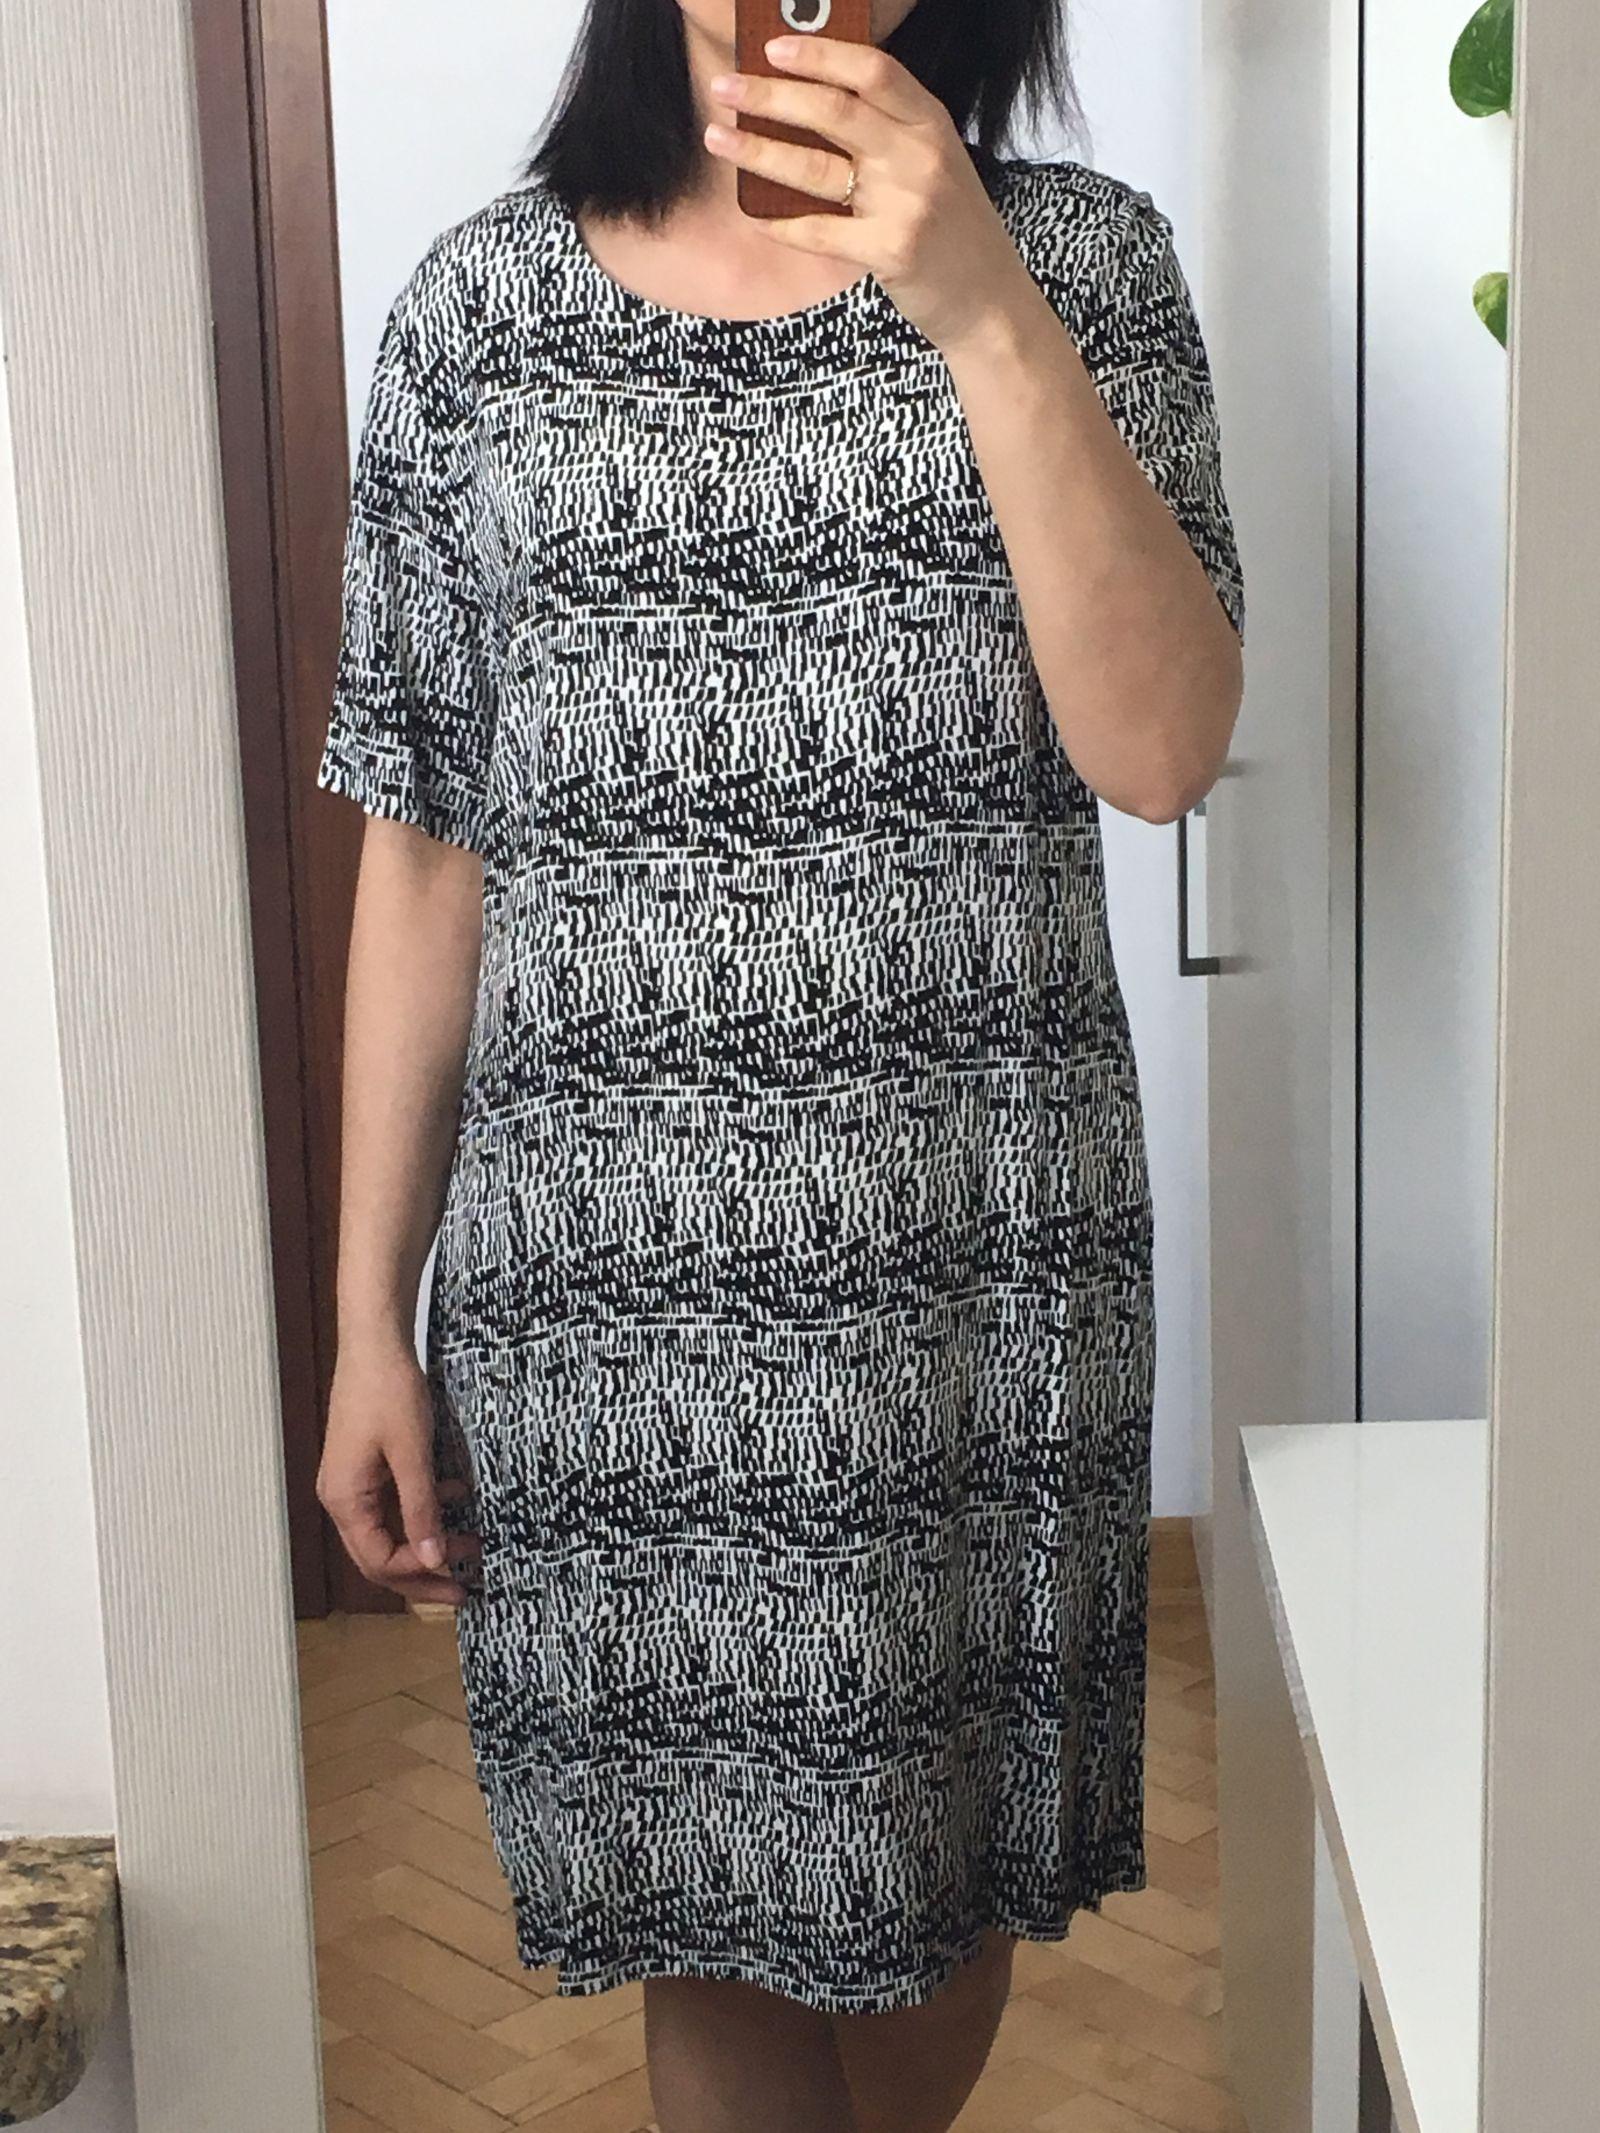 c96f46e092 czarno biała sukienka we wzory z podszewka wiskoza - 7383714745 ...